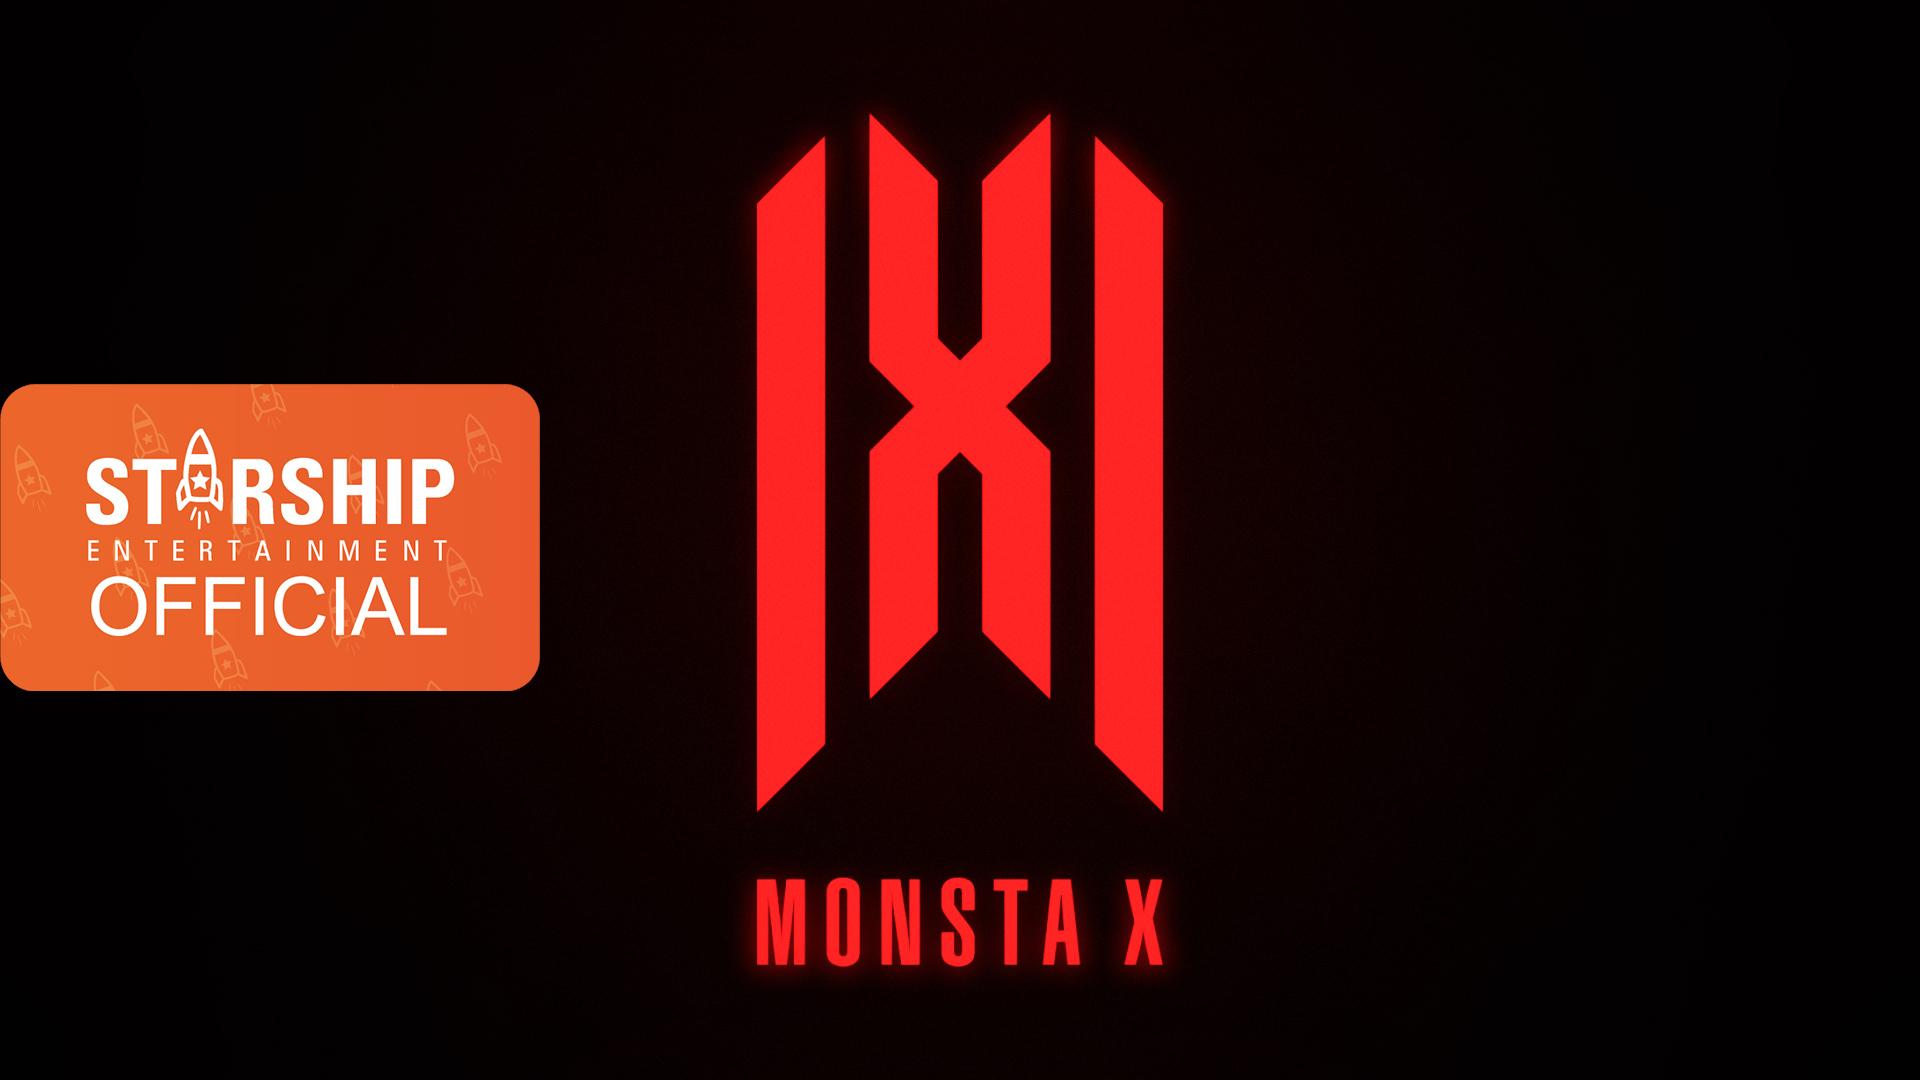 MONSTA X (몬스타엑스) Official LOGO MOTION